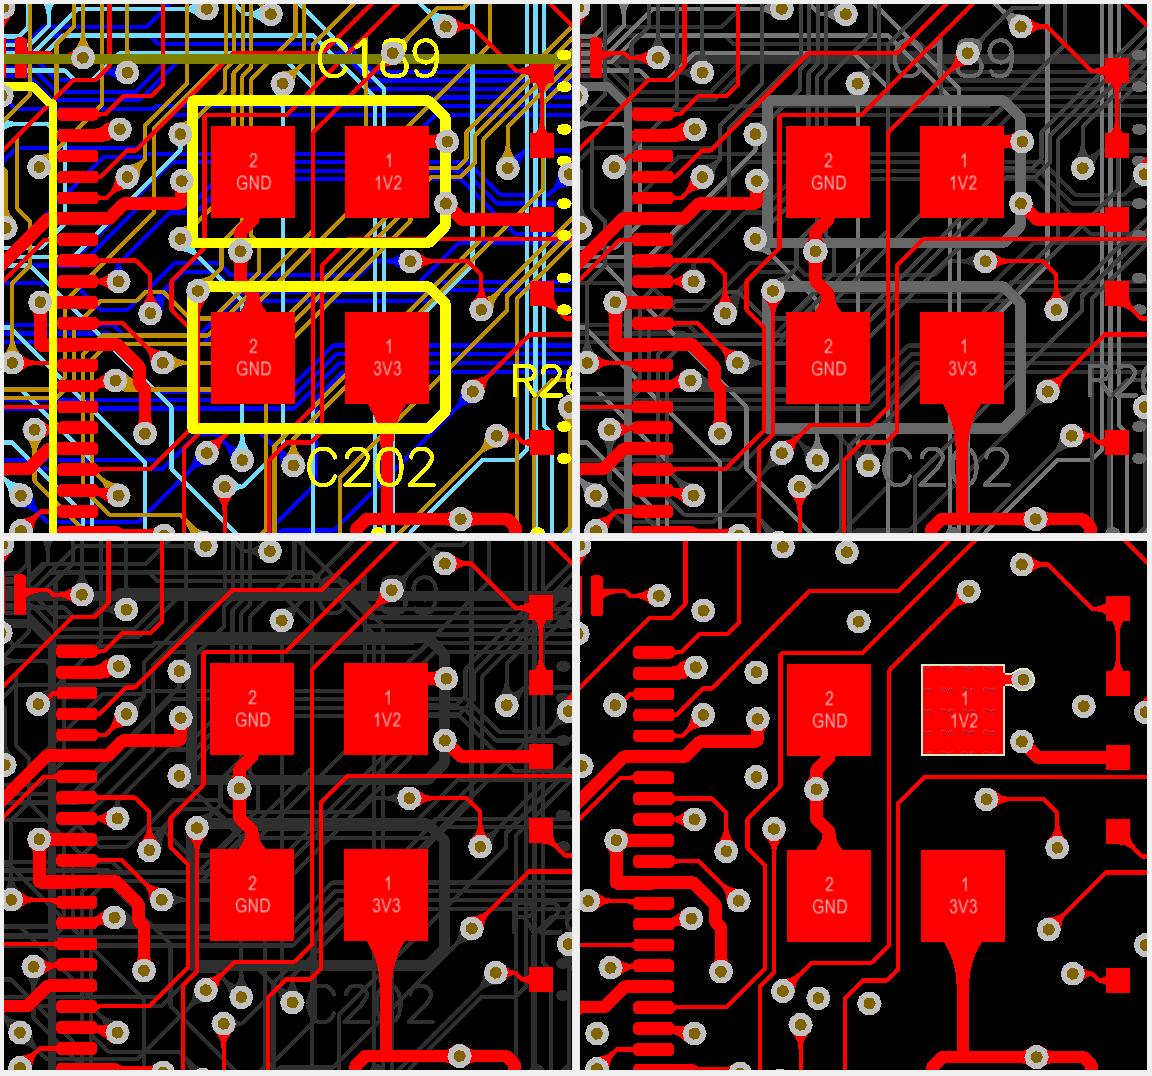 How To Design Multilayer Pcb In Altium